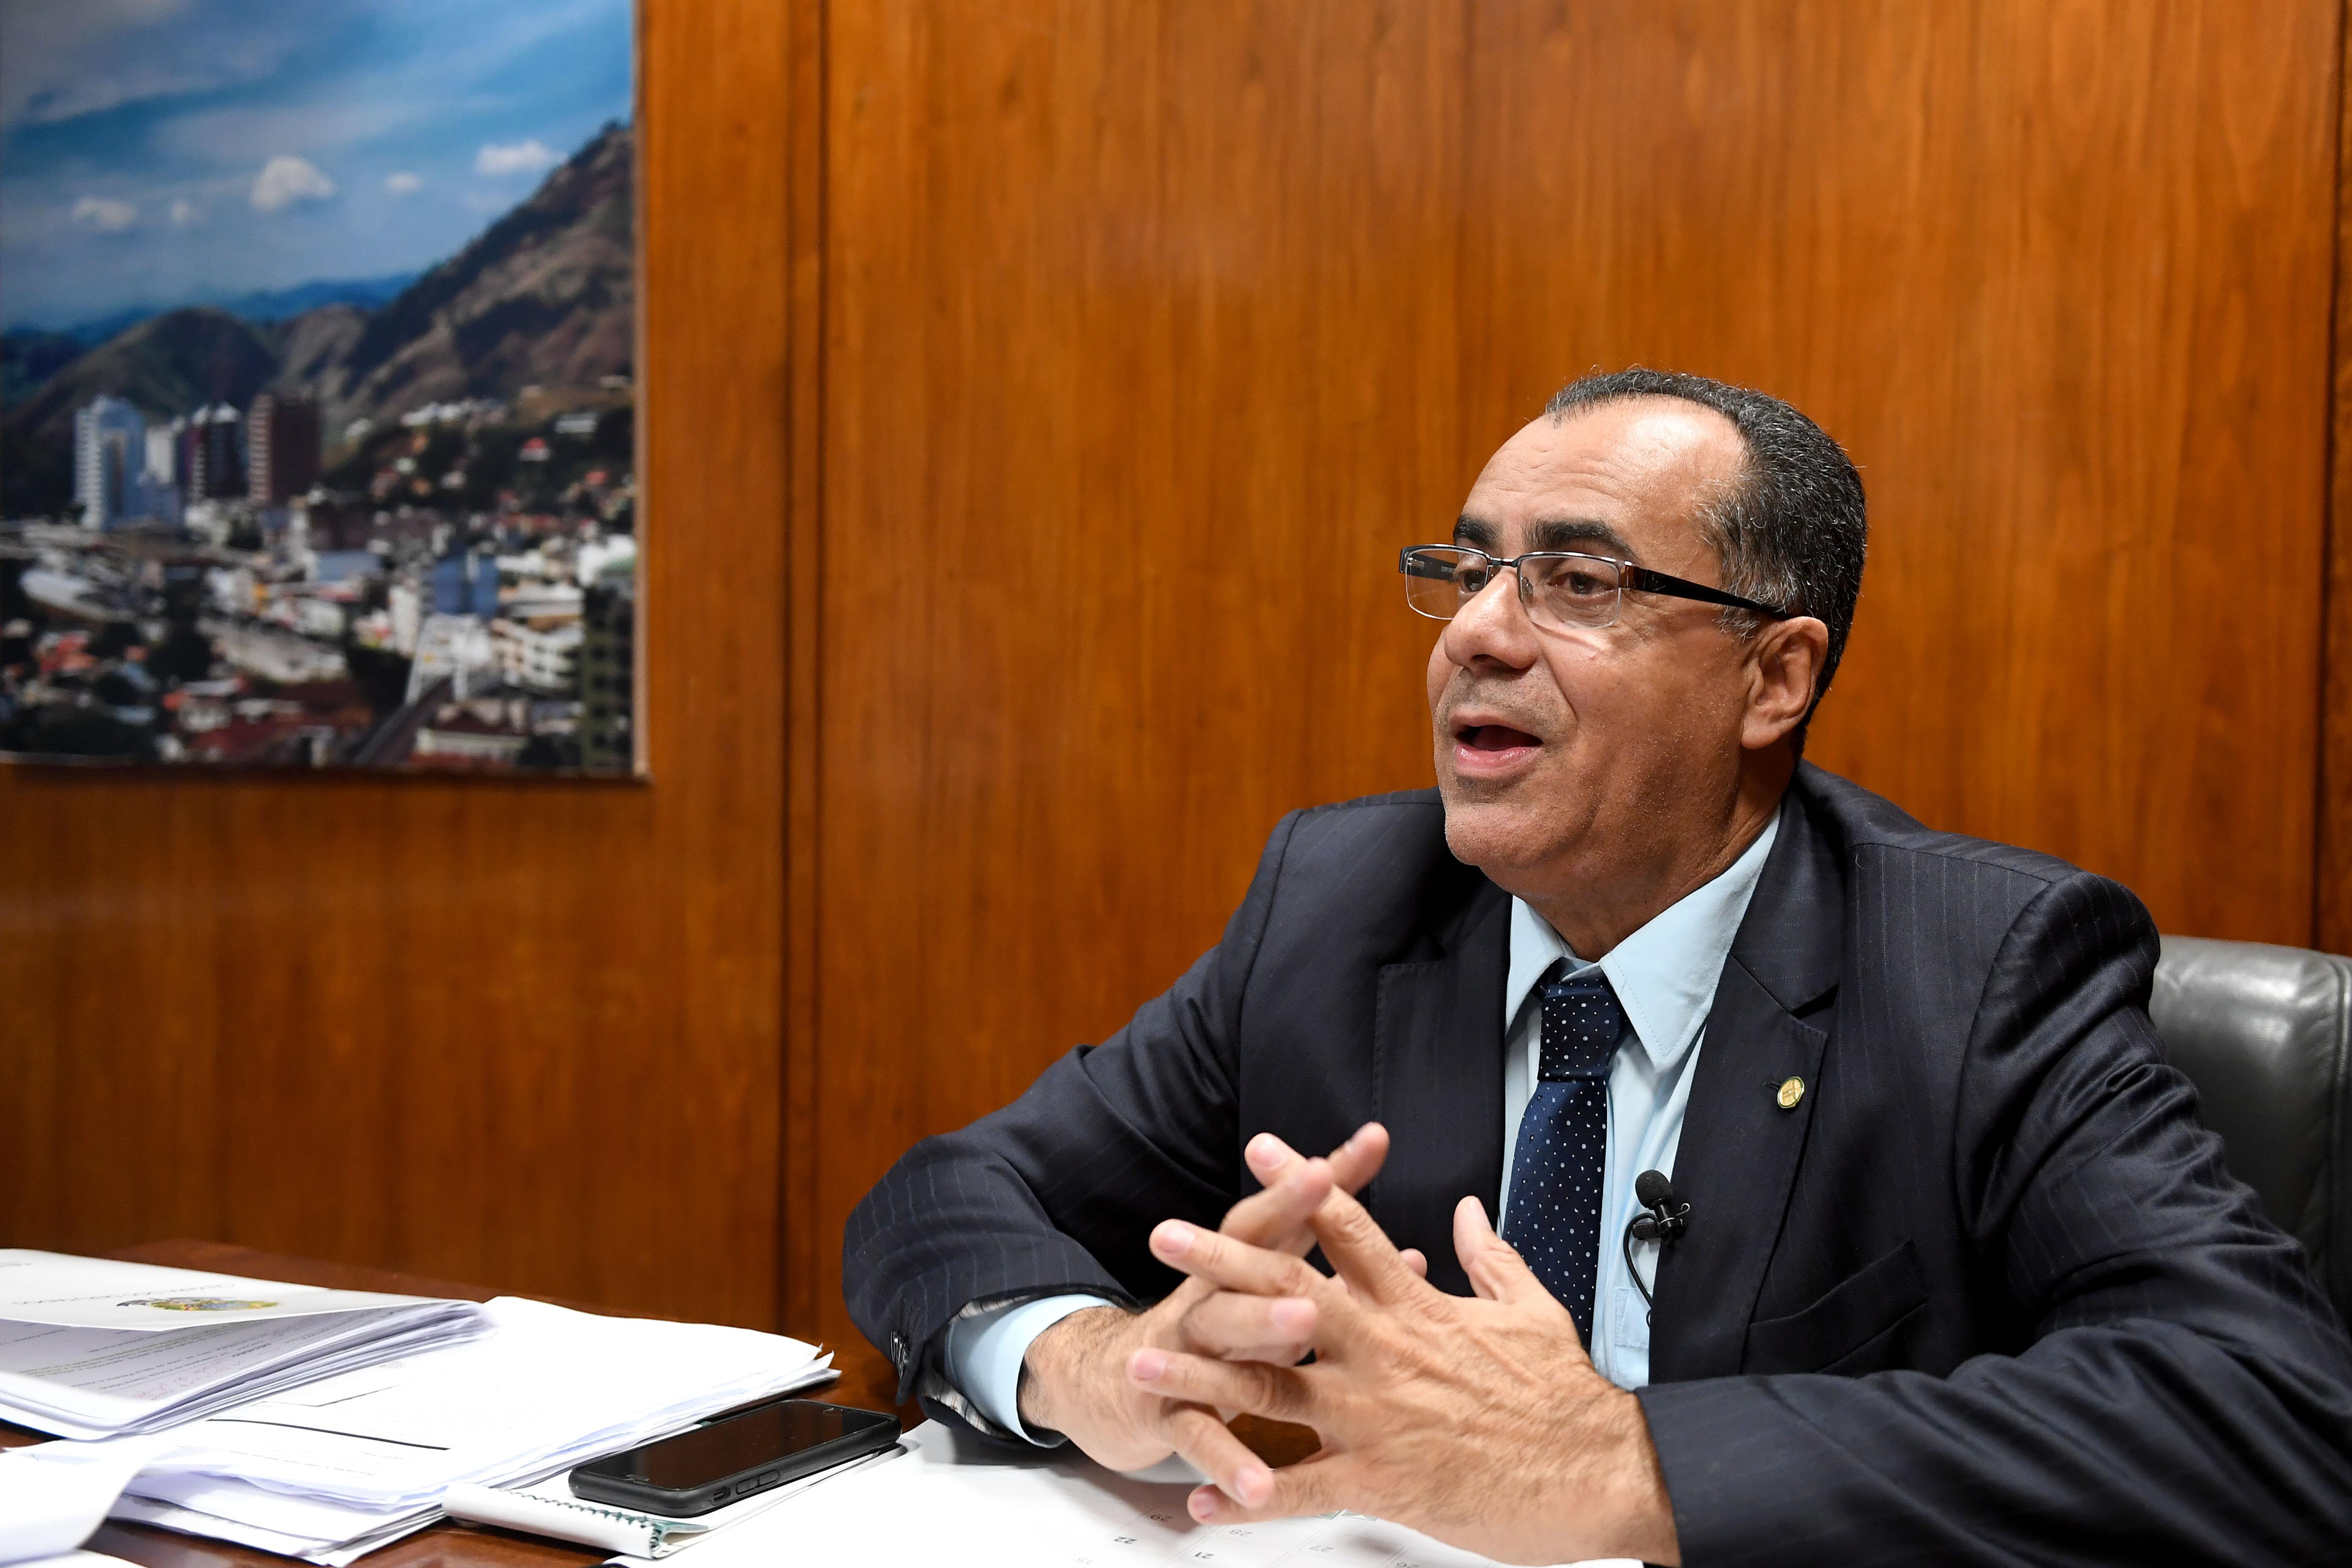 البرلماني البرازيلي سيسلو جاكوب في مكتبه بالعاصمة برازيليا